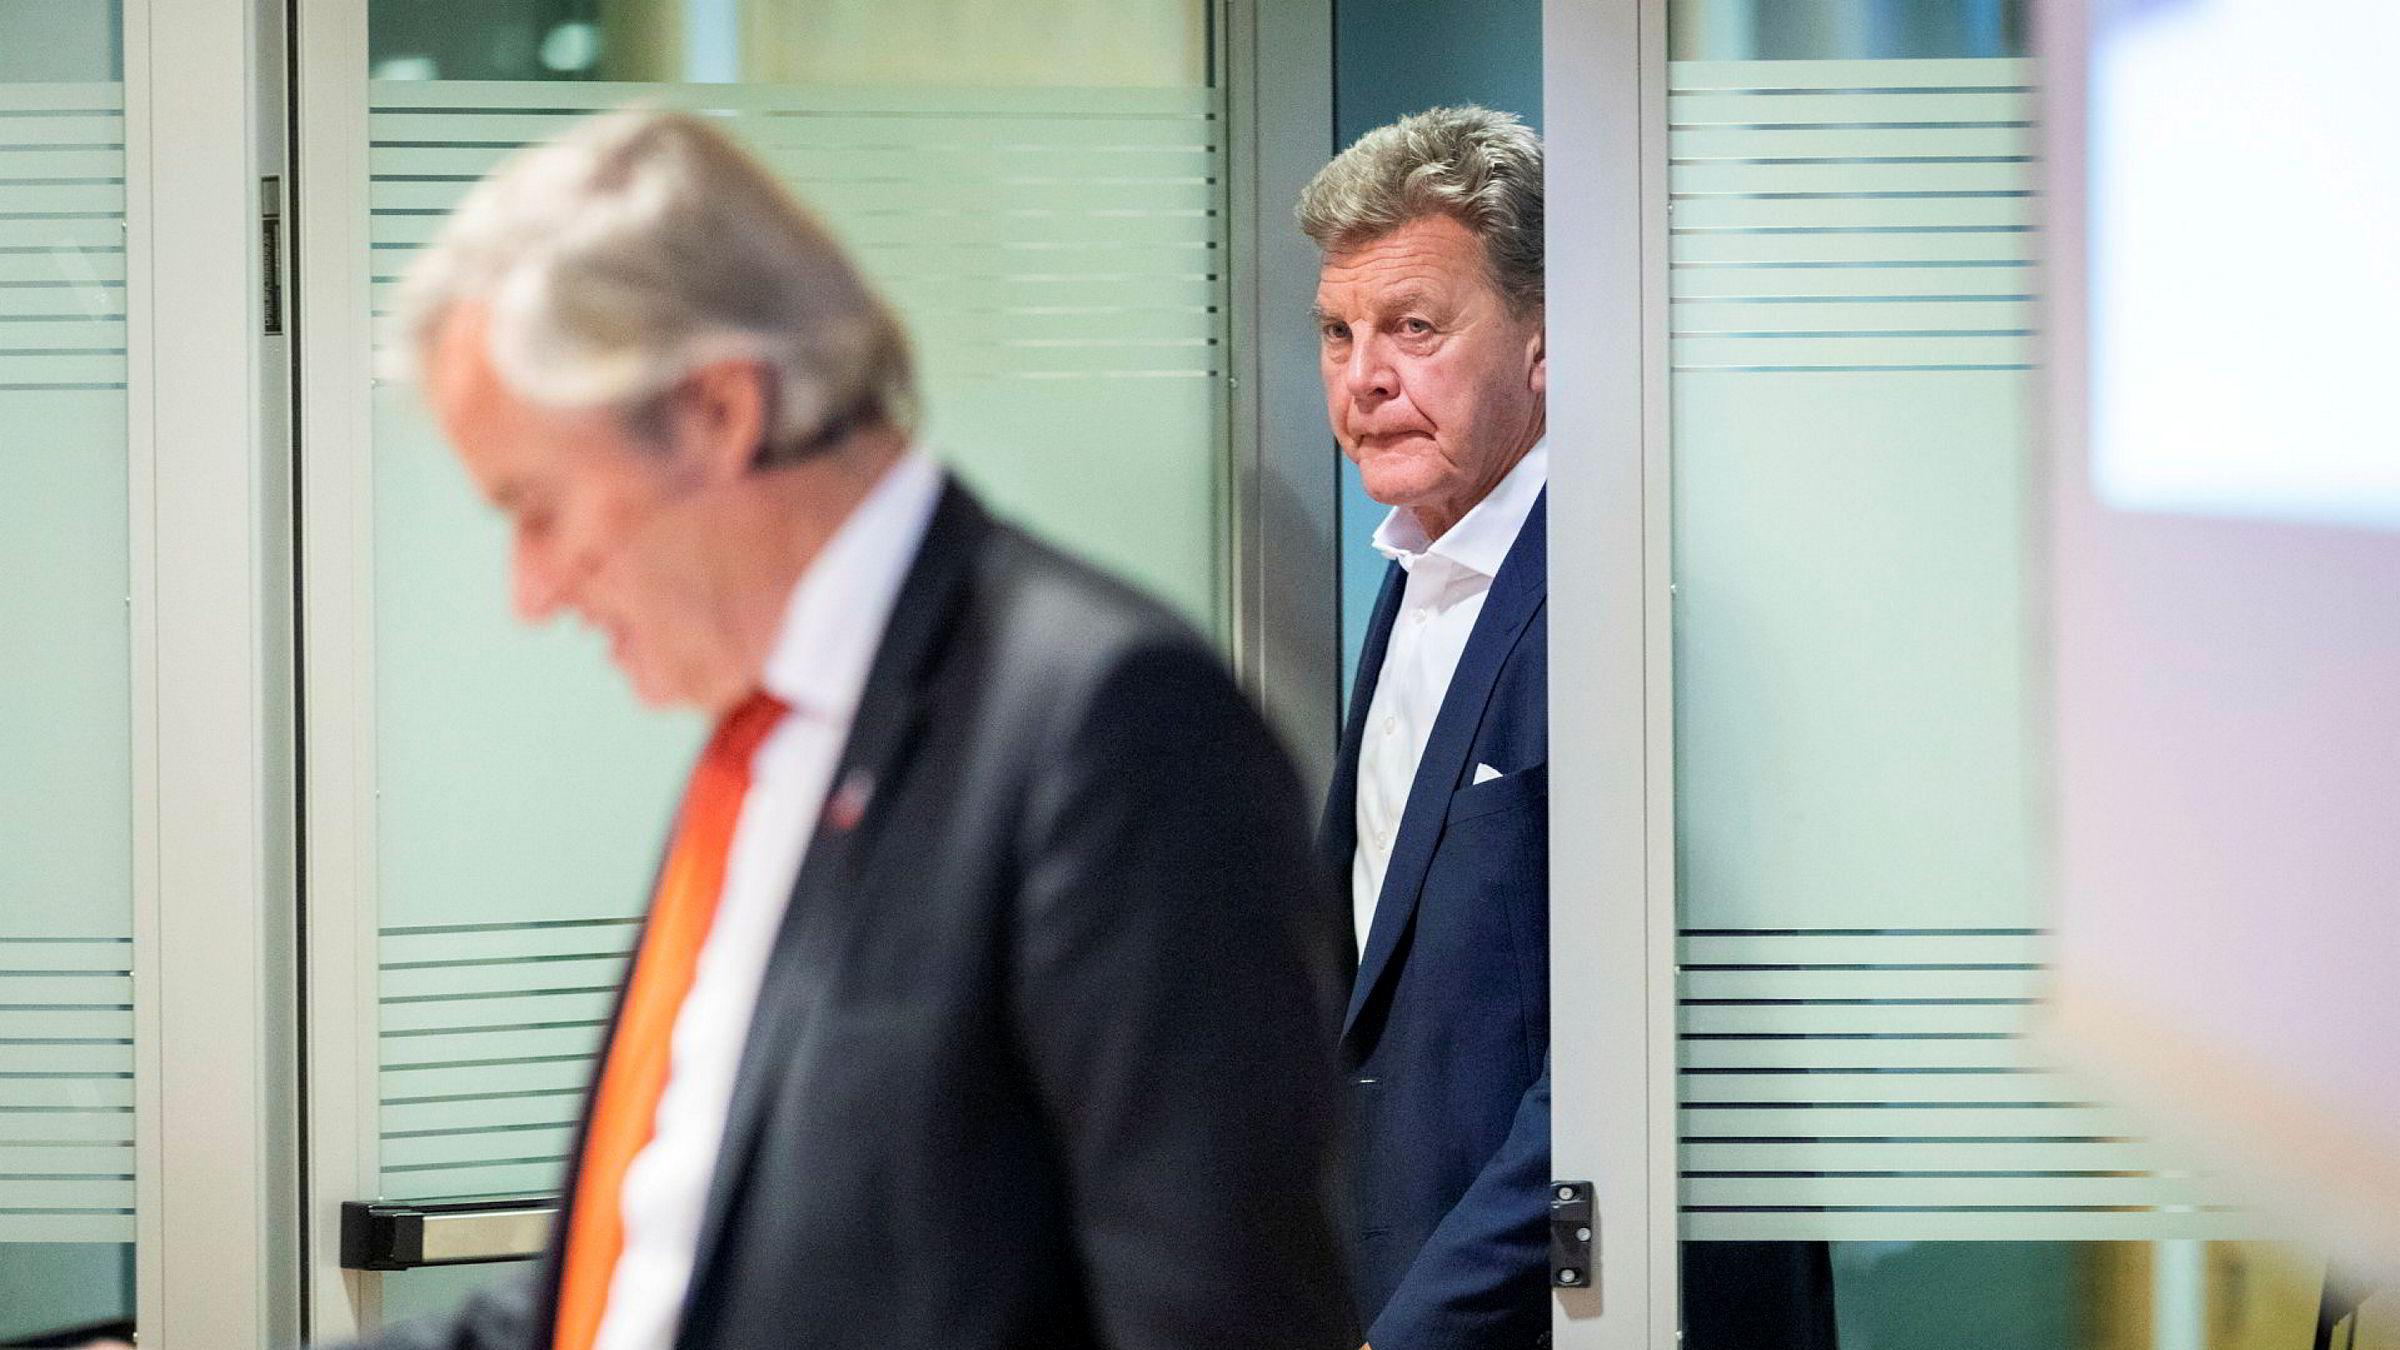 Bjørn H. Kise (bak), styreleder i HBK Holding, bekrefter at det går inn med friske penger i Norwegian. Her med Bjørn Kjos, som fortsatt er største eier, men som gikk av som toppsjef i juli i år.